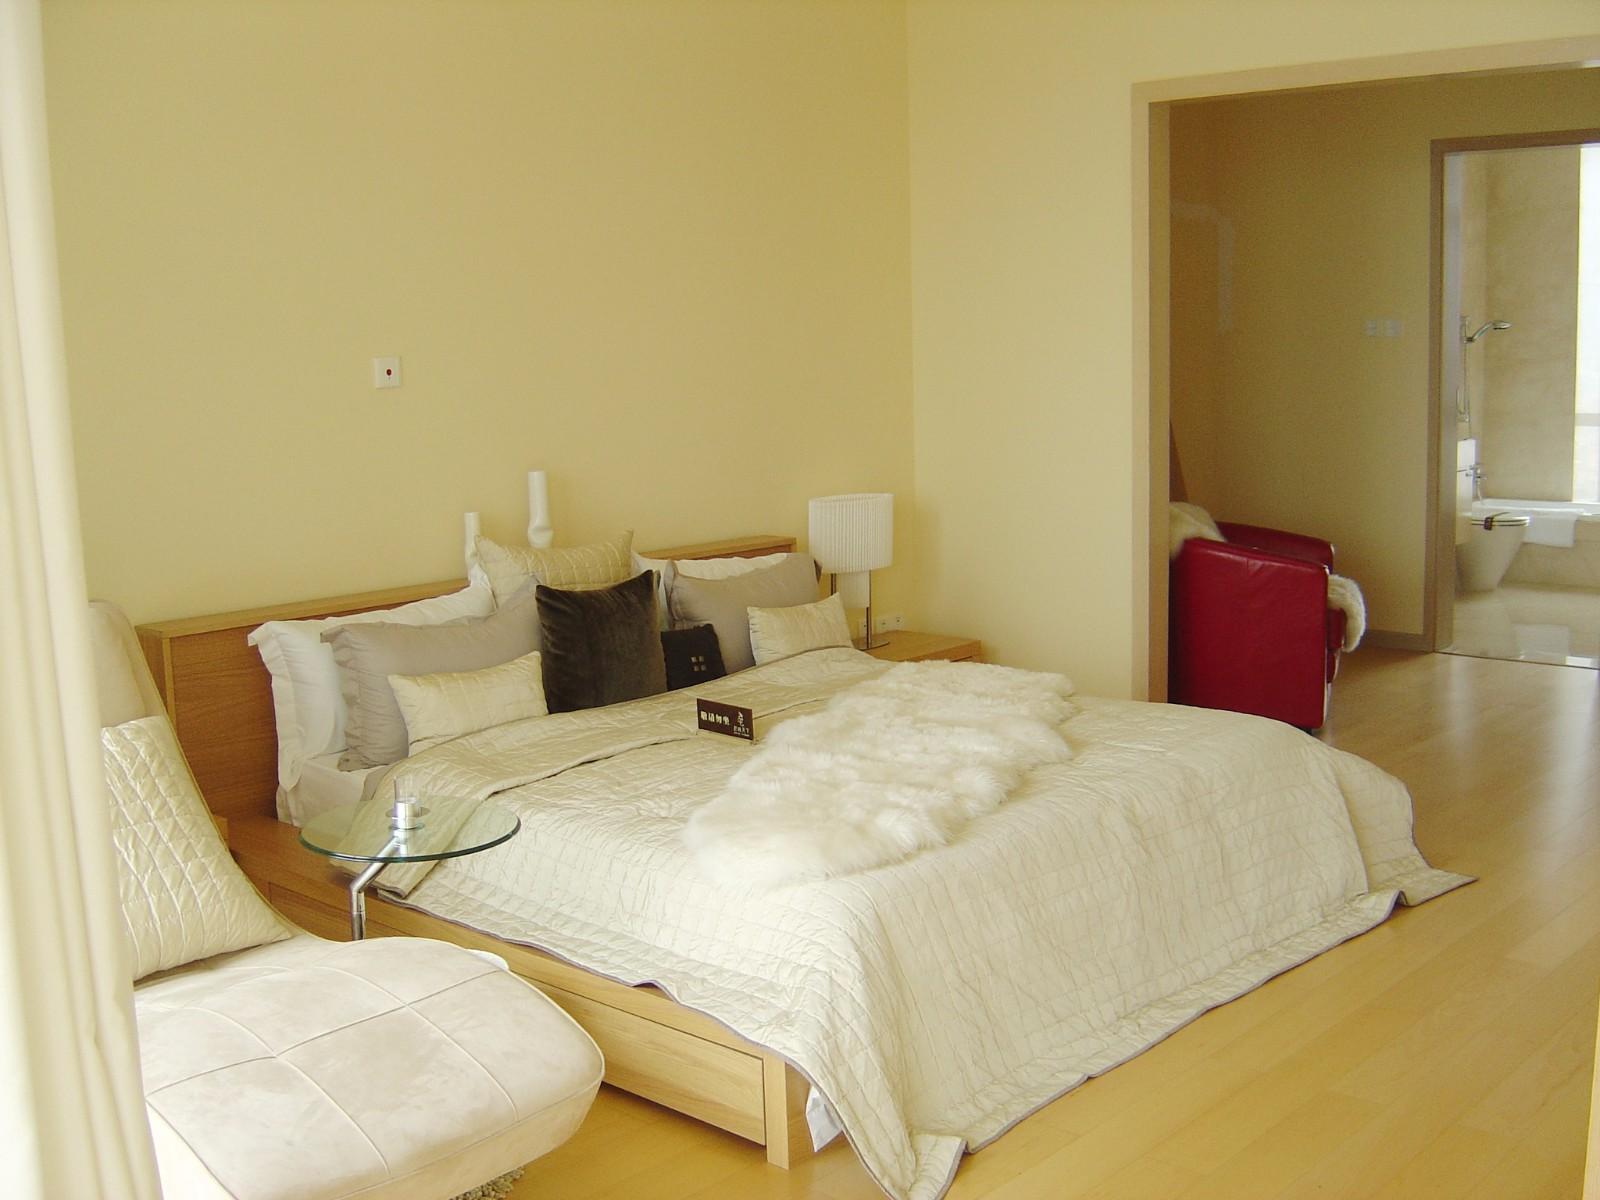 2室2卫2厅98平米简约风格